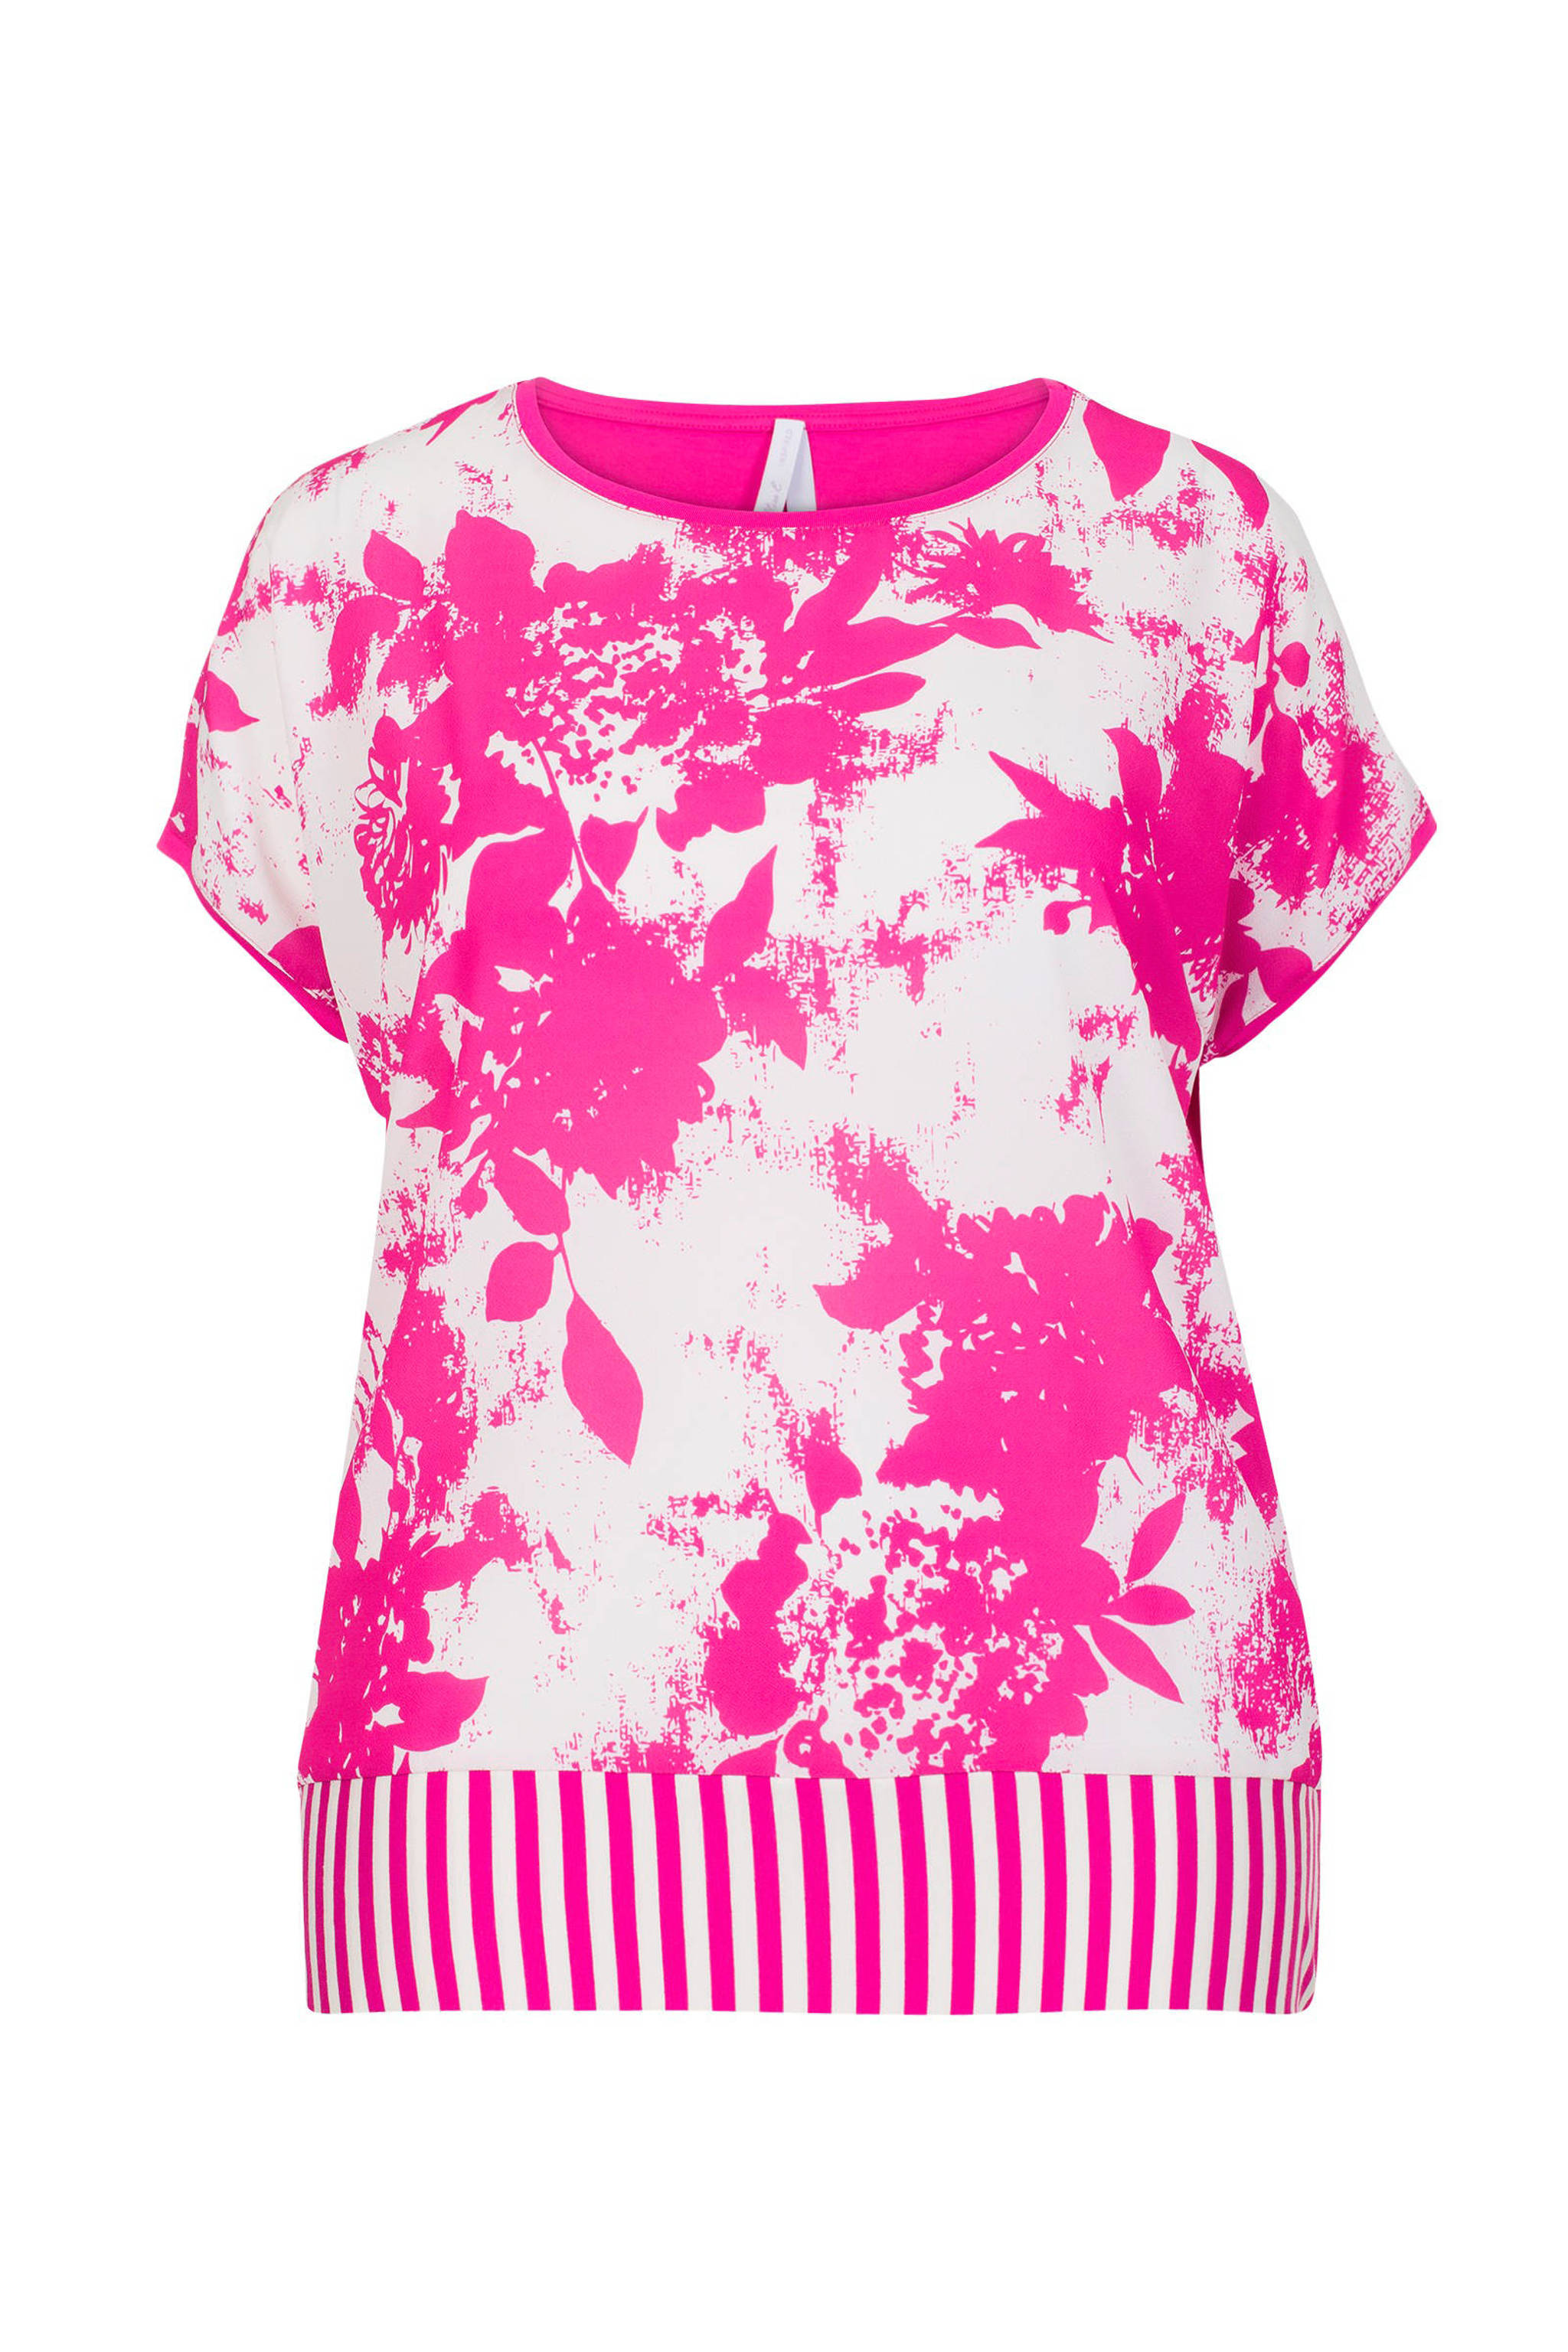 93473972f2 Miss Etam Plus gebloemde top roze/ wit | wehkamp